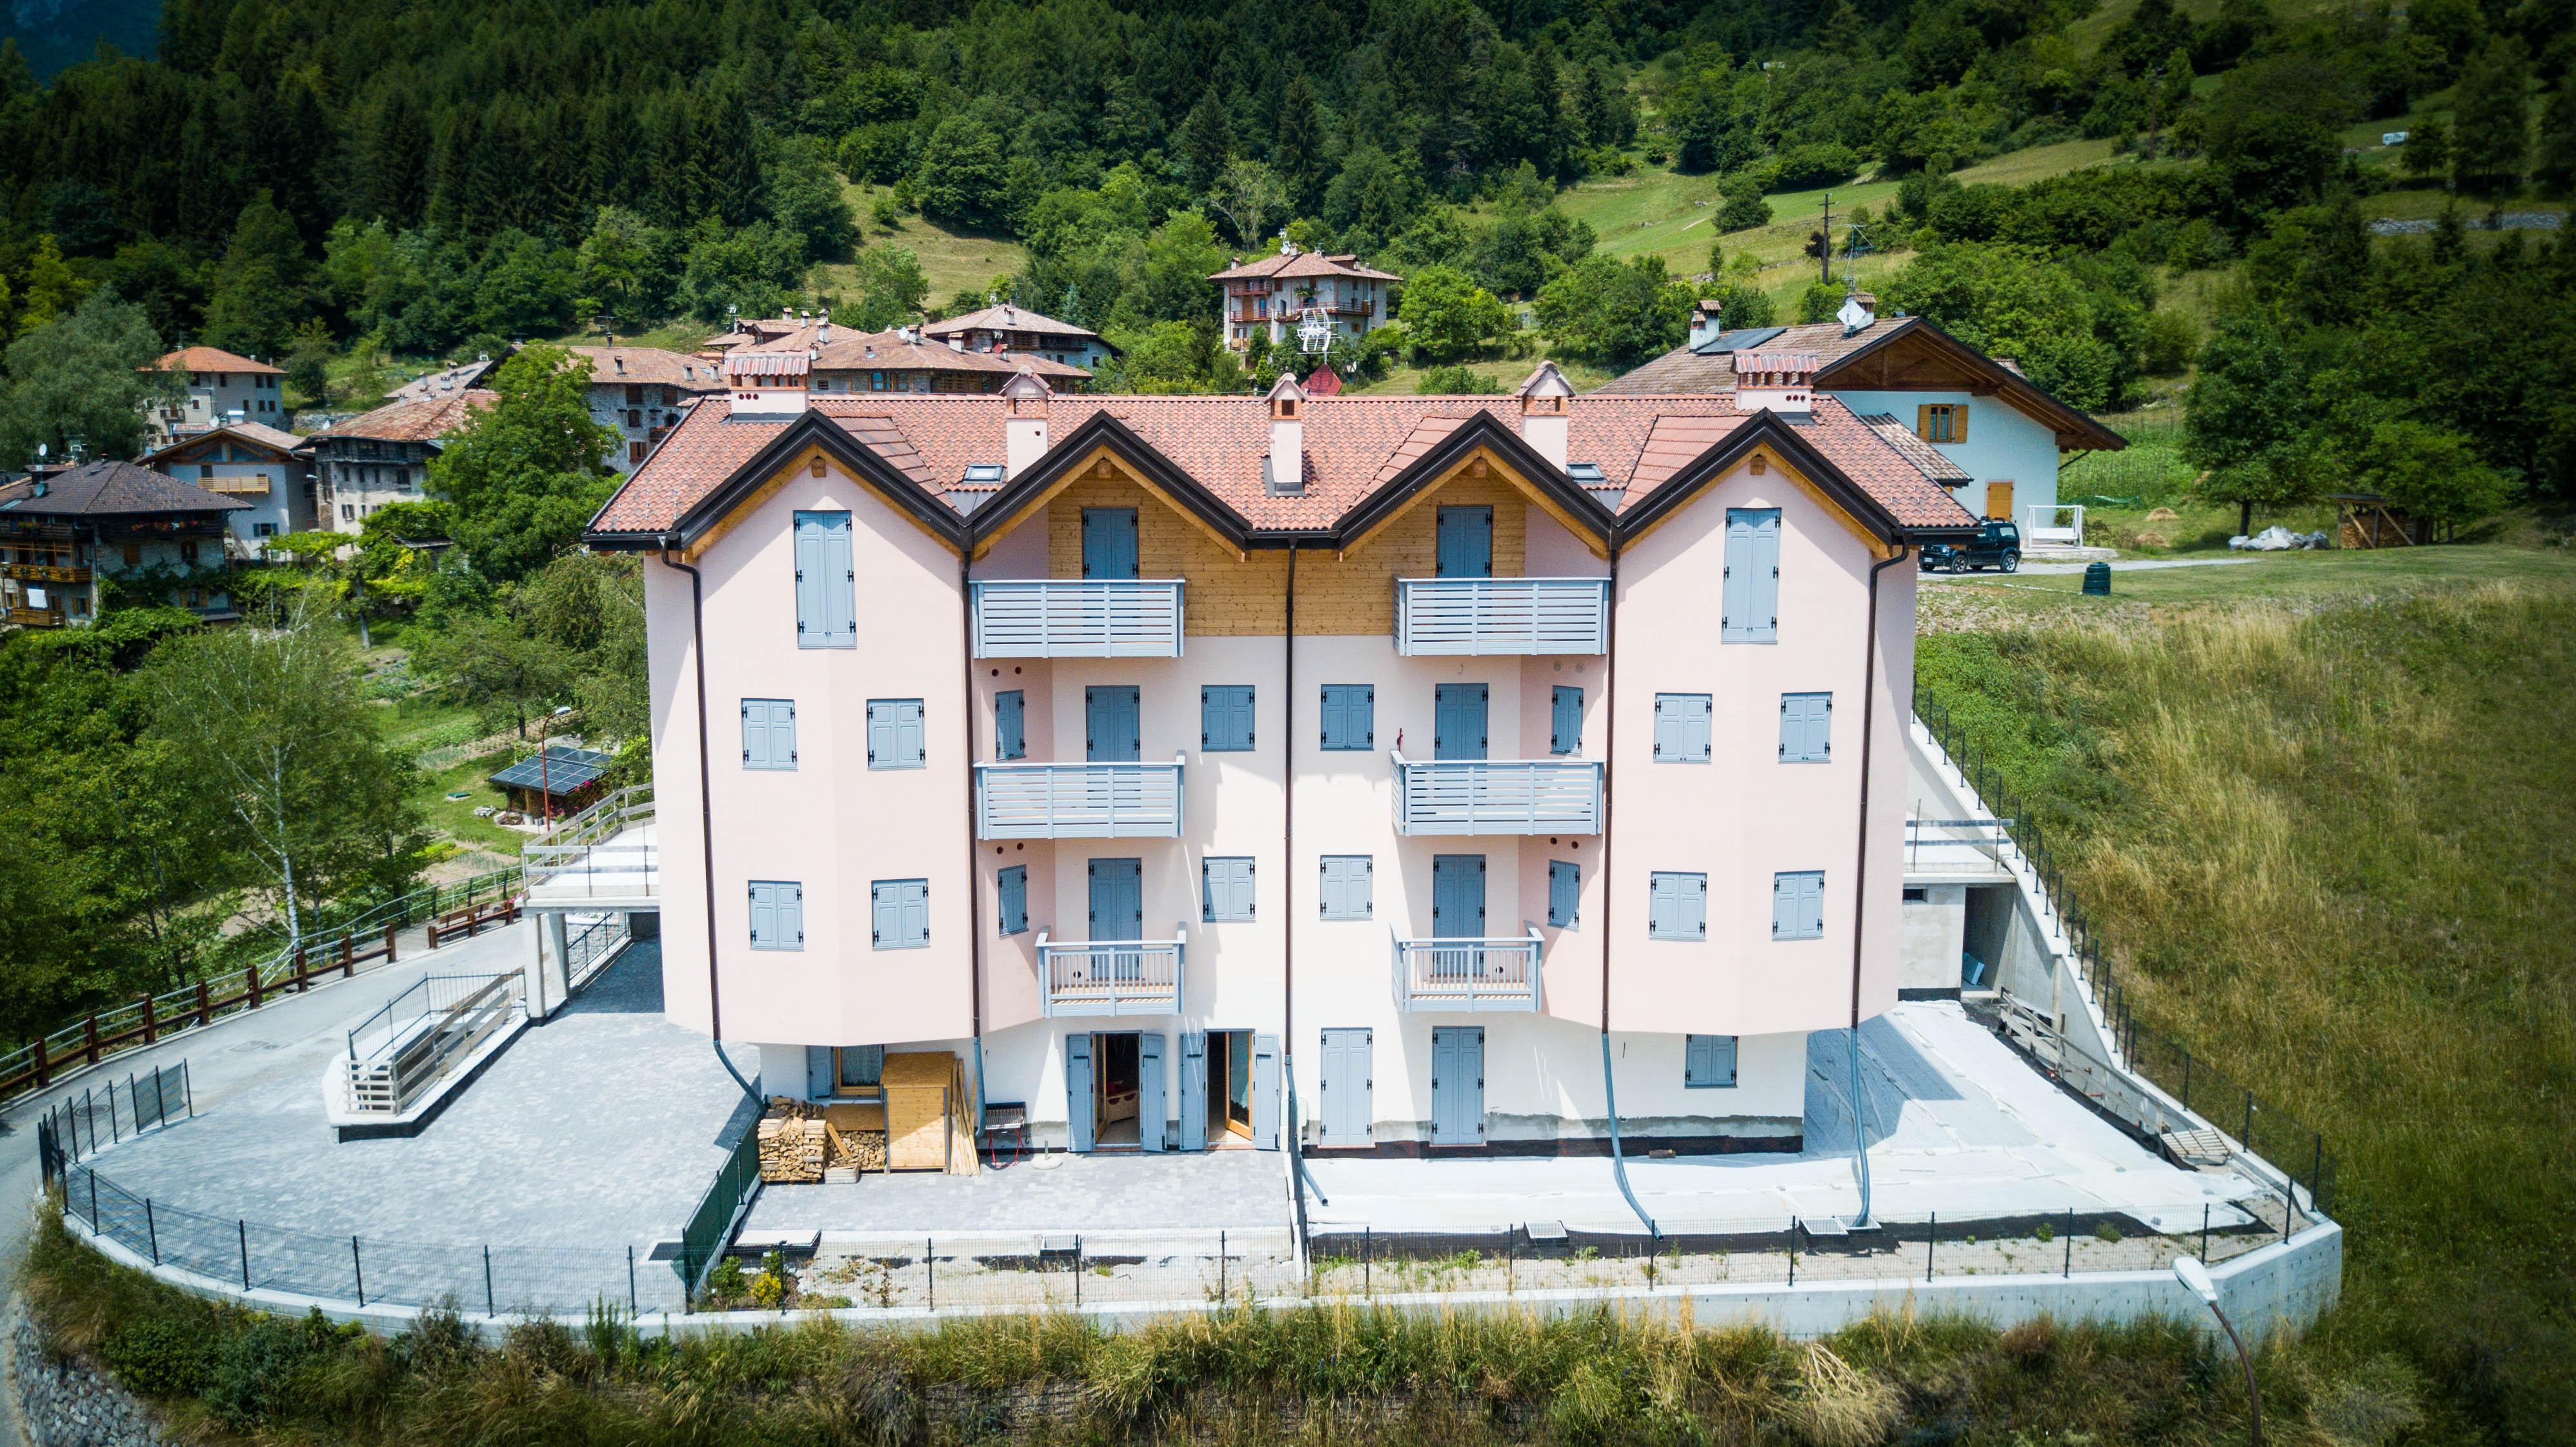 residenze-esclusive-san-lorenzo-in-banale-tn